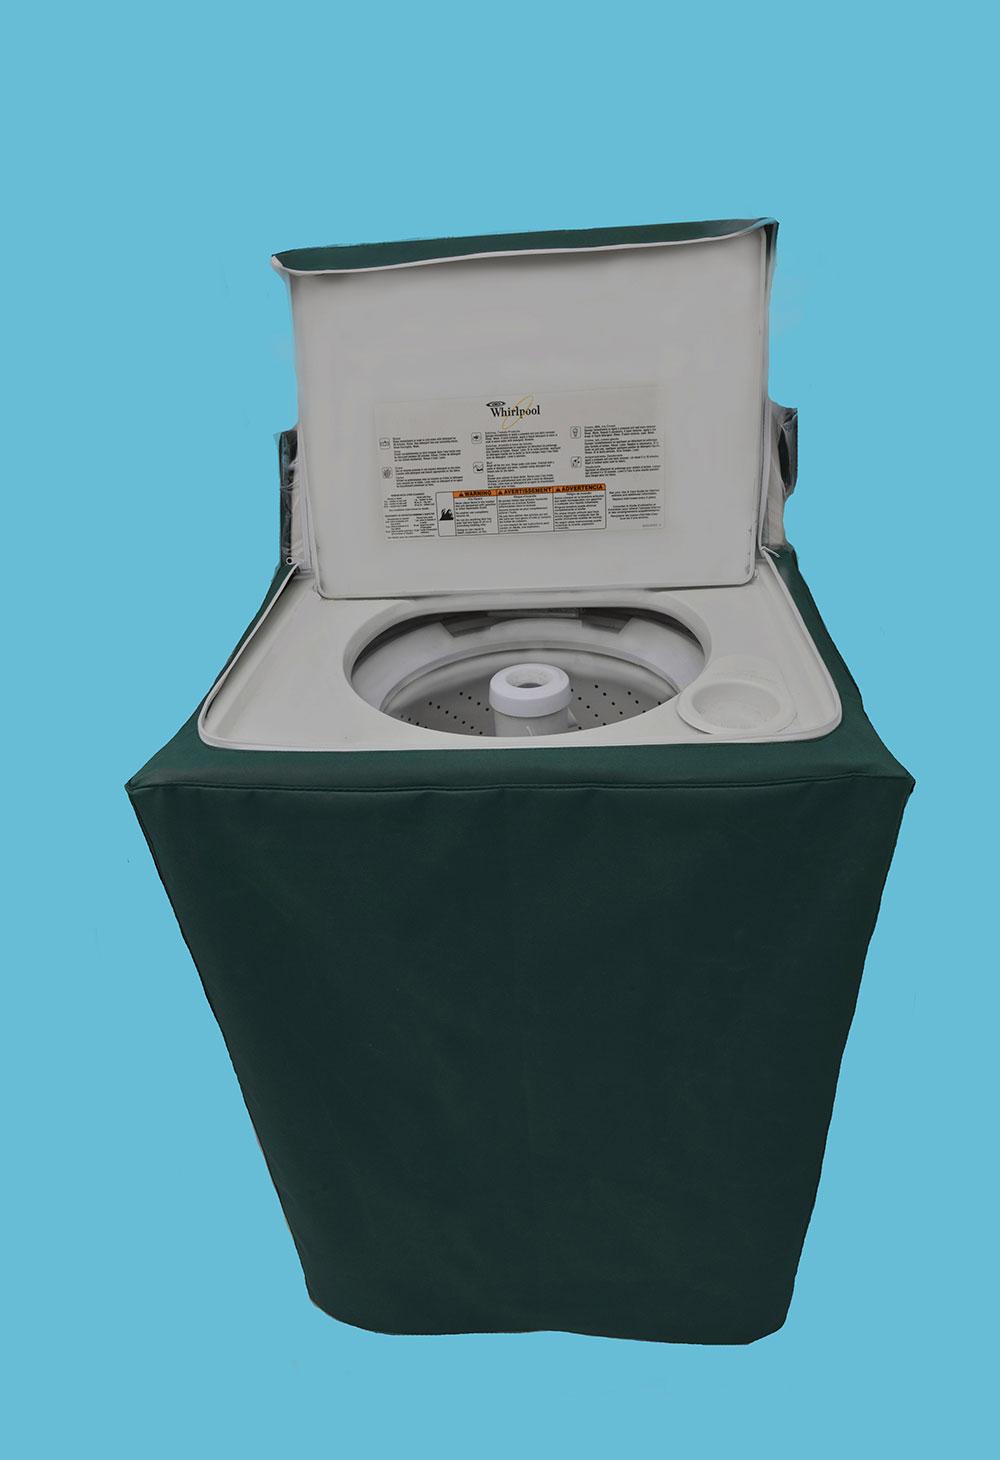 protector de lavadora grande manual